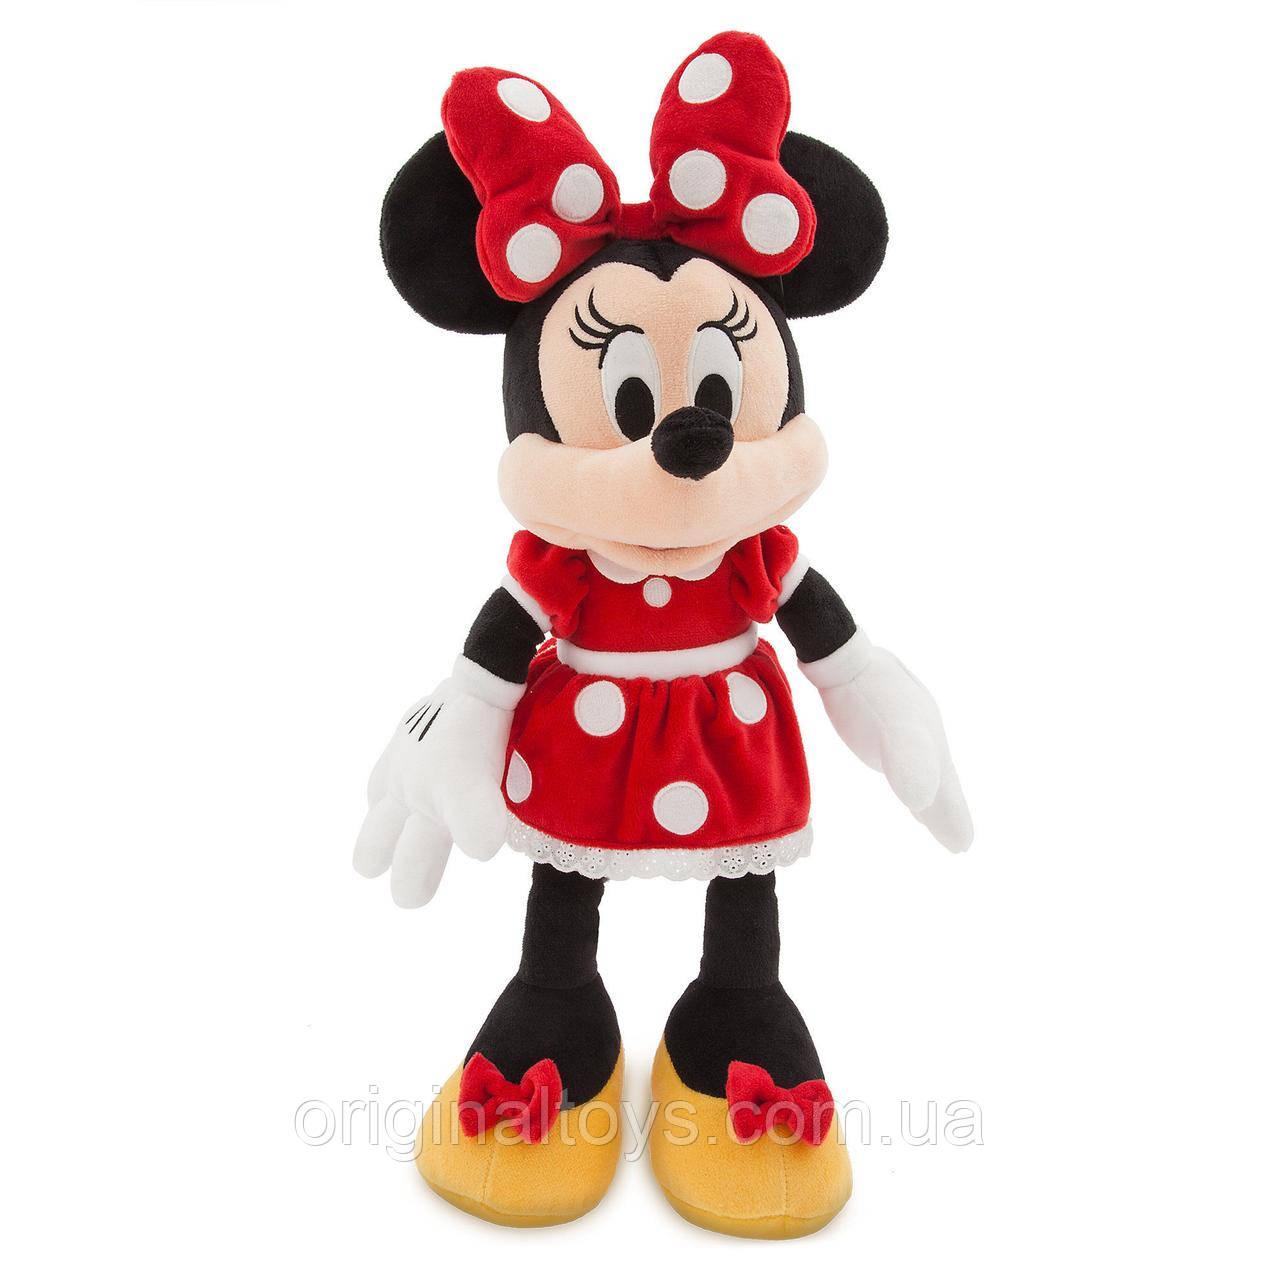 Мягкая плюшевая игрушка Минни Маус Minnie Mouse Дисней 46 см